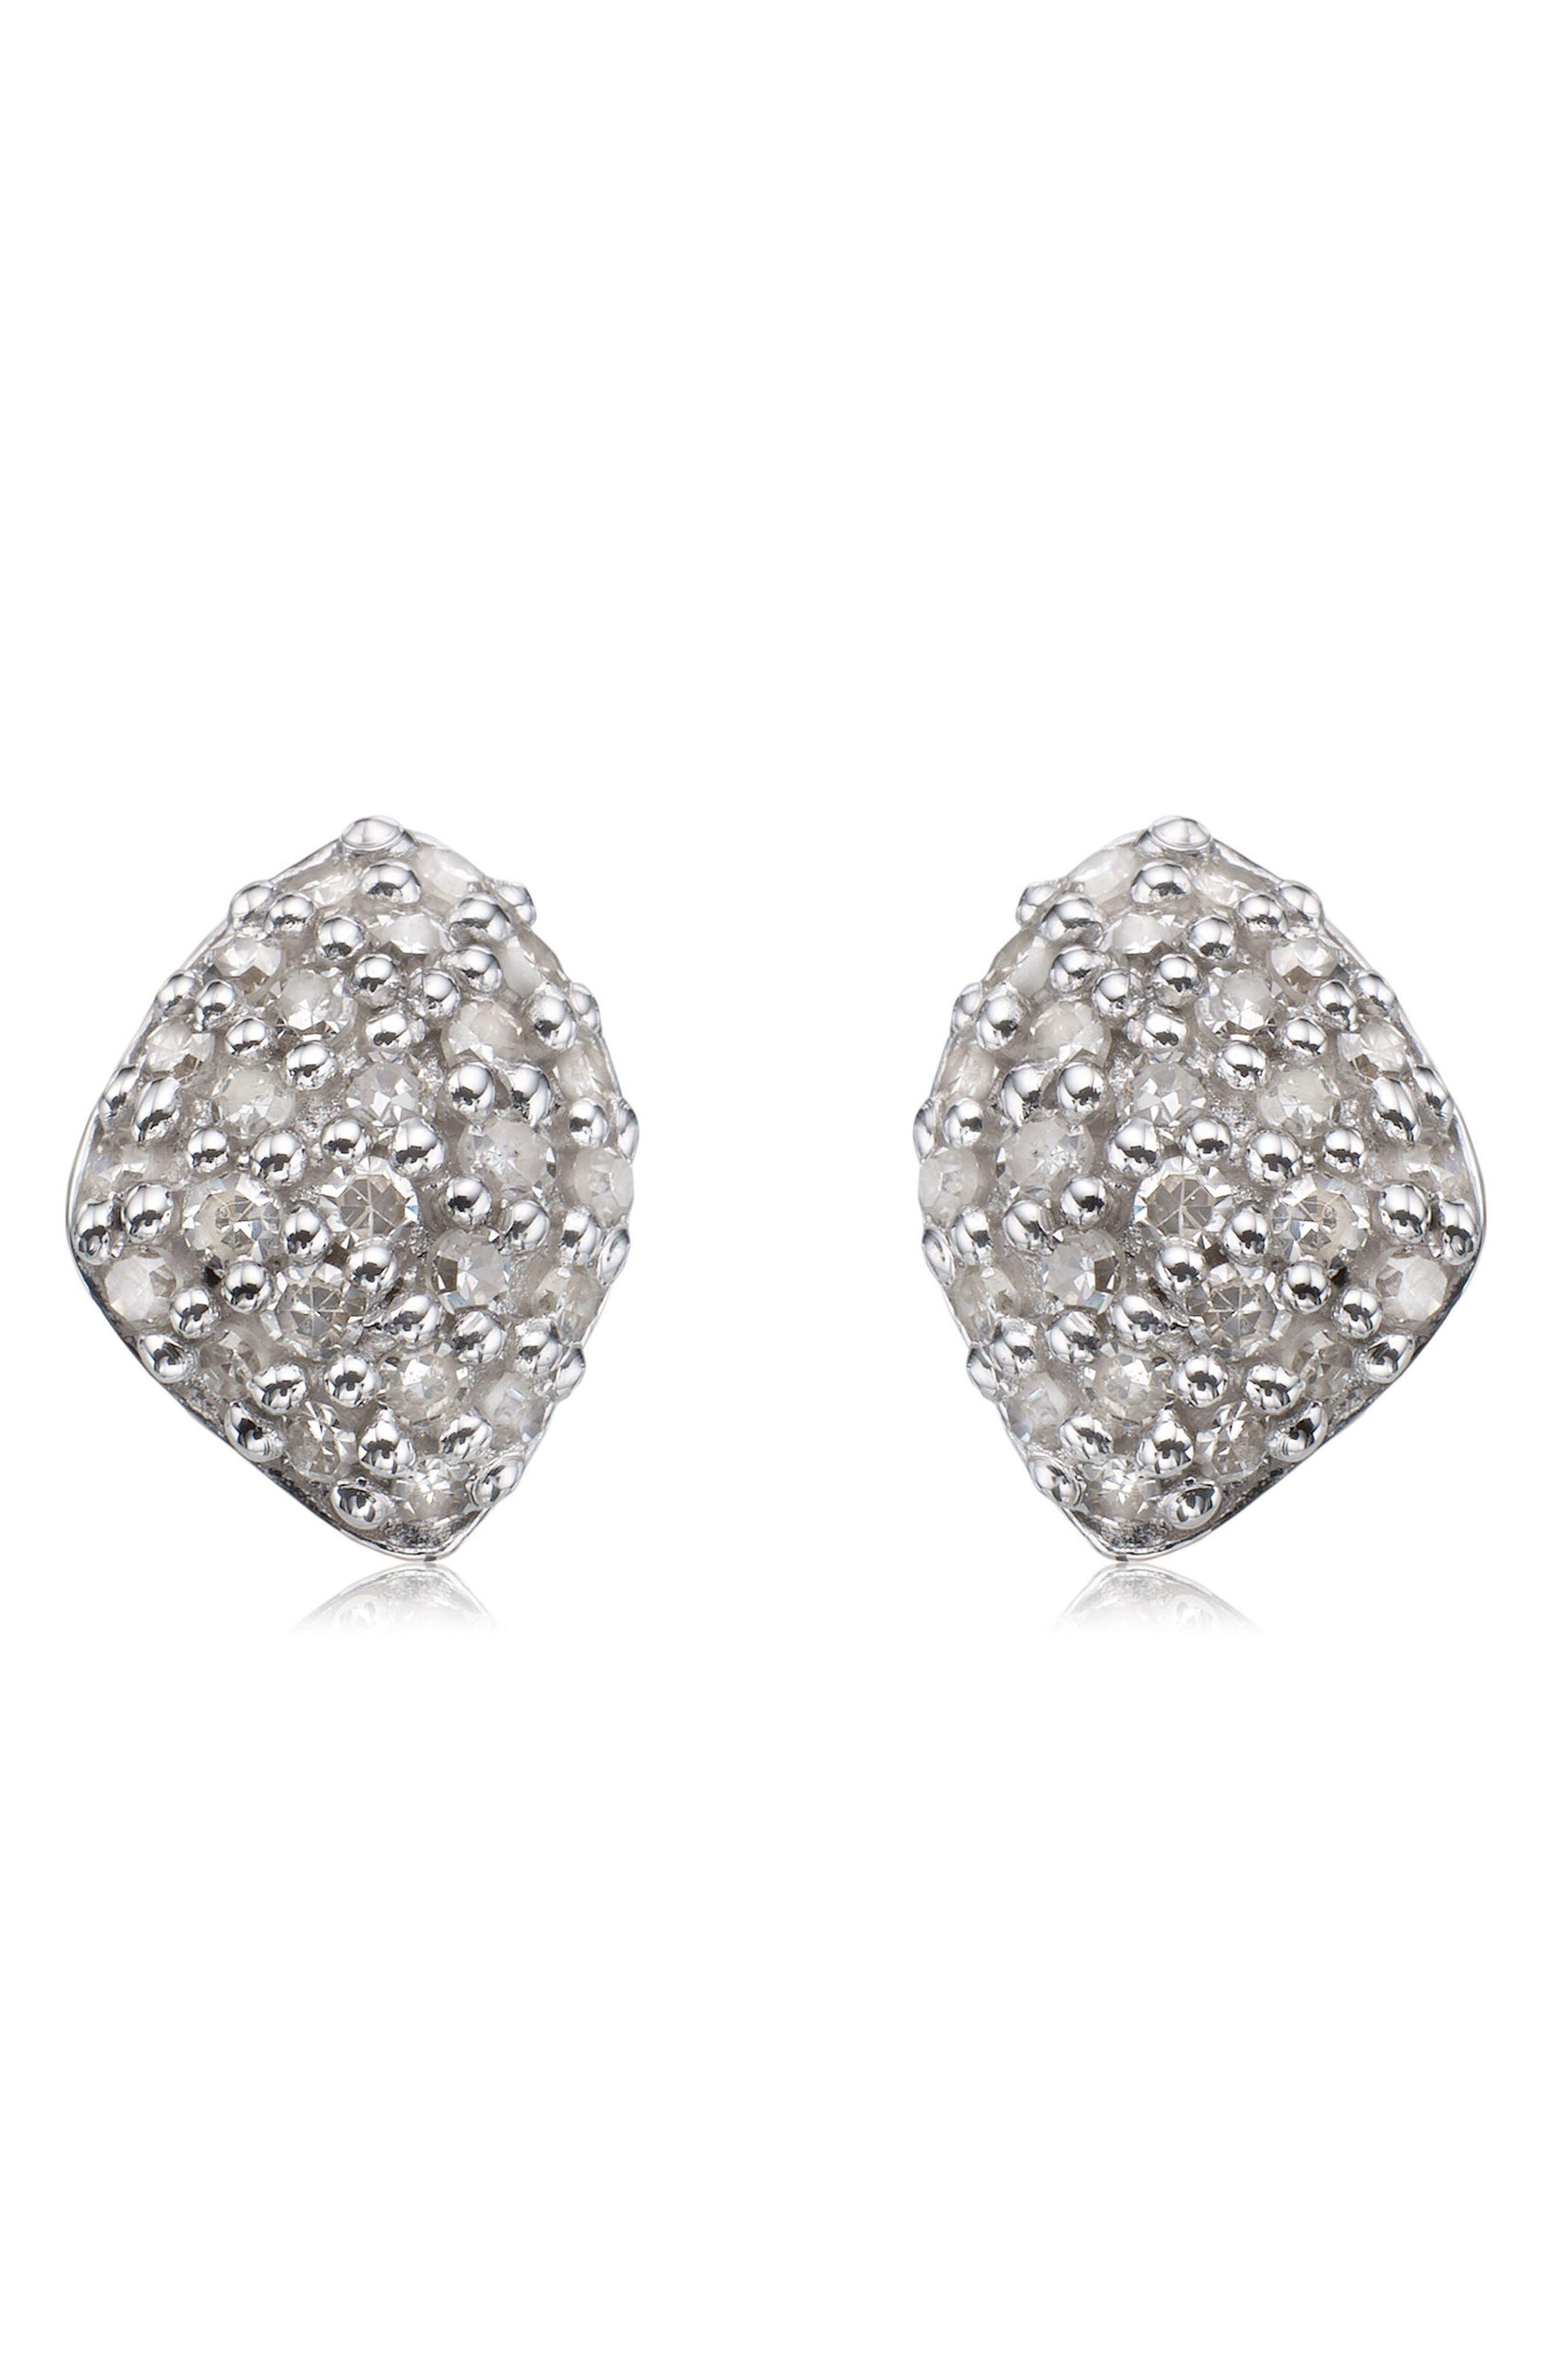 Monica Vinader Nura Mini Diamond Stud Earrings